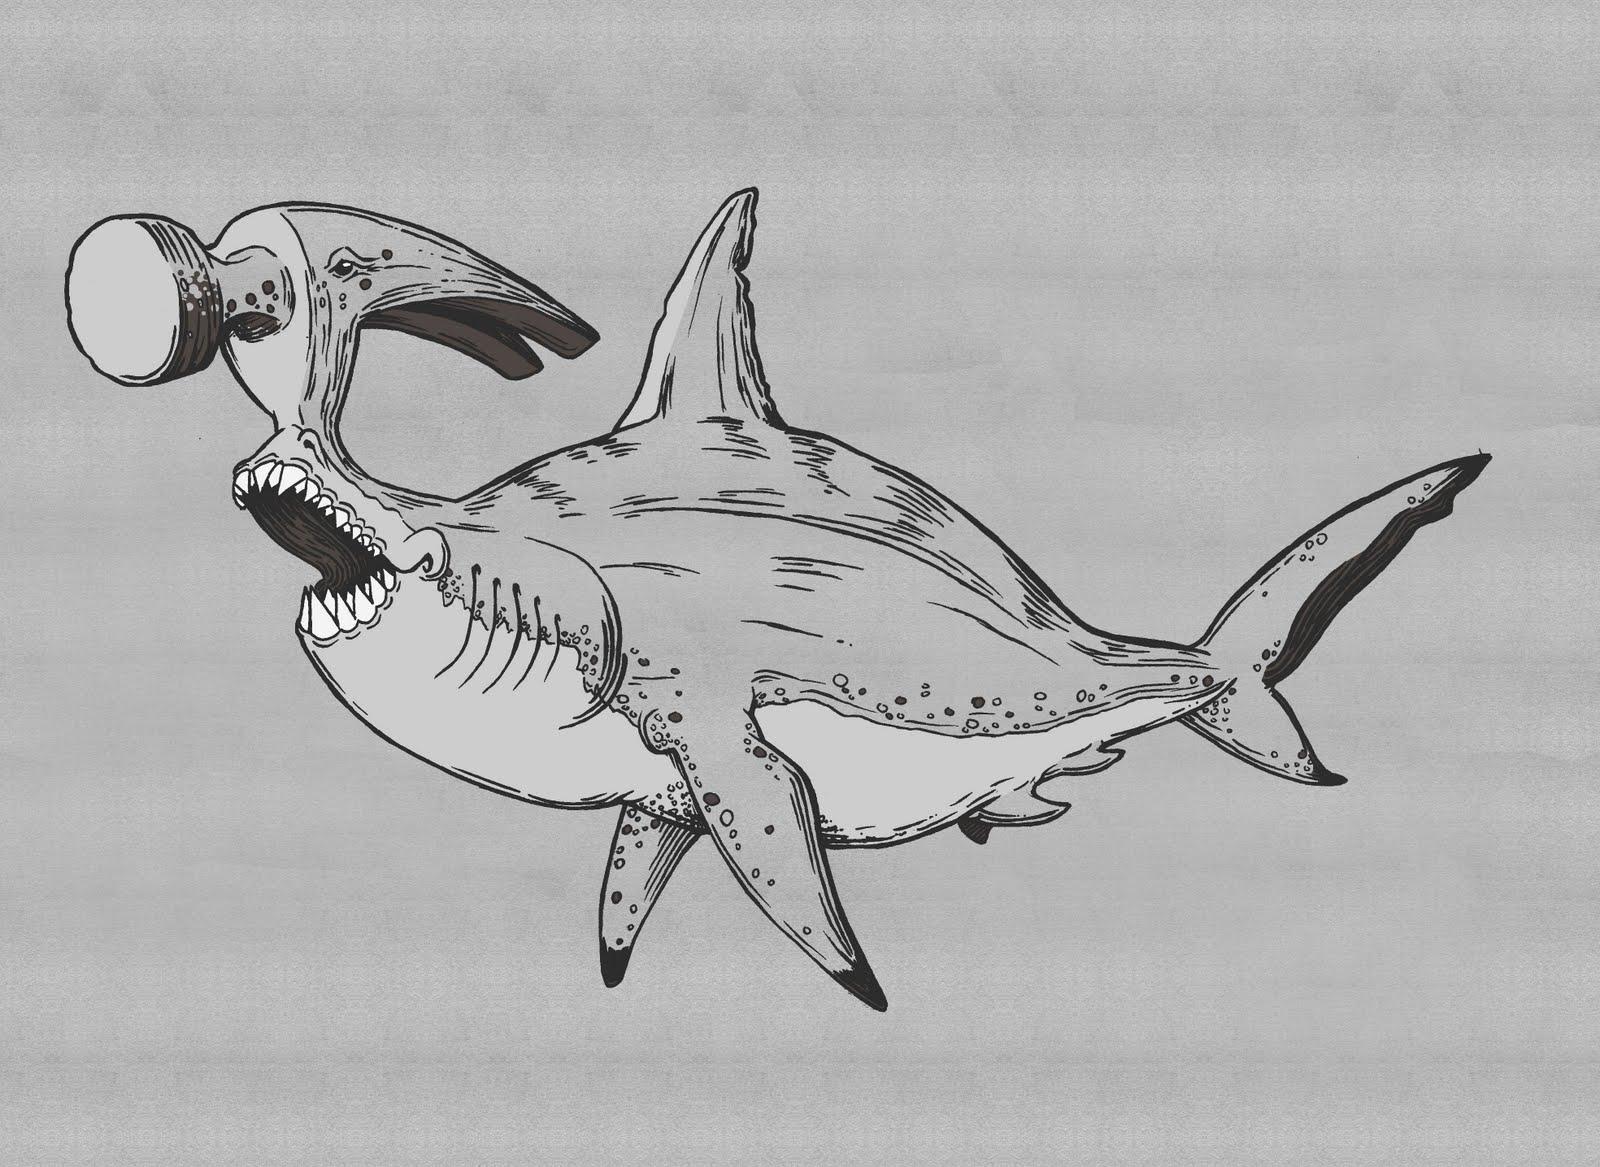 Art Of Chris Neuenschwander The Great Hammerhead Shark